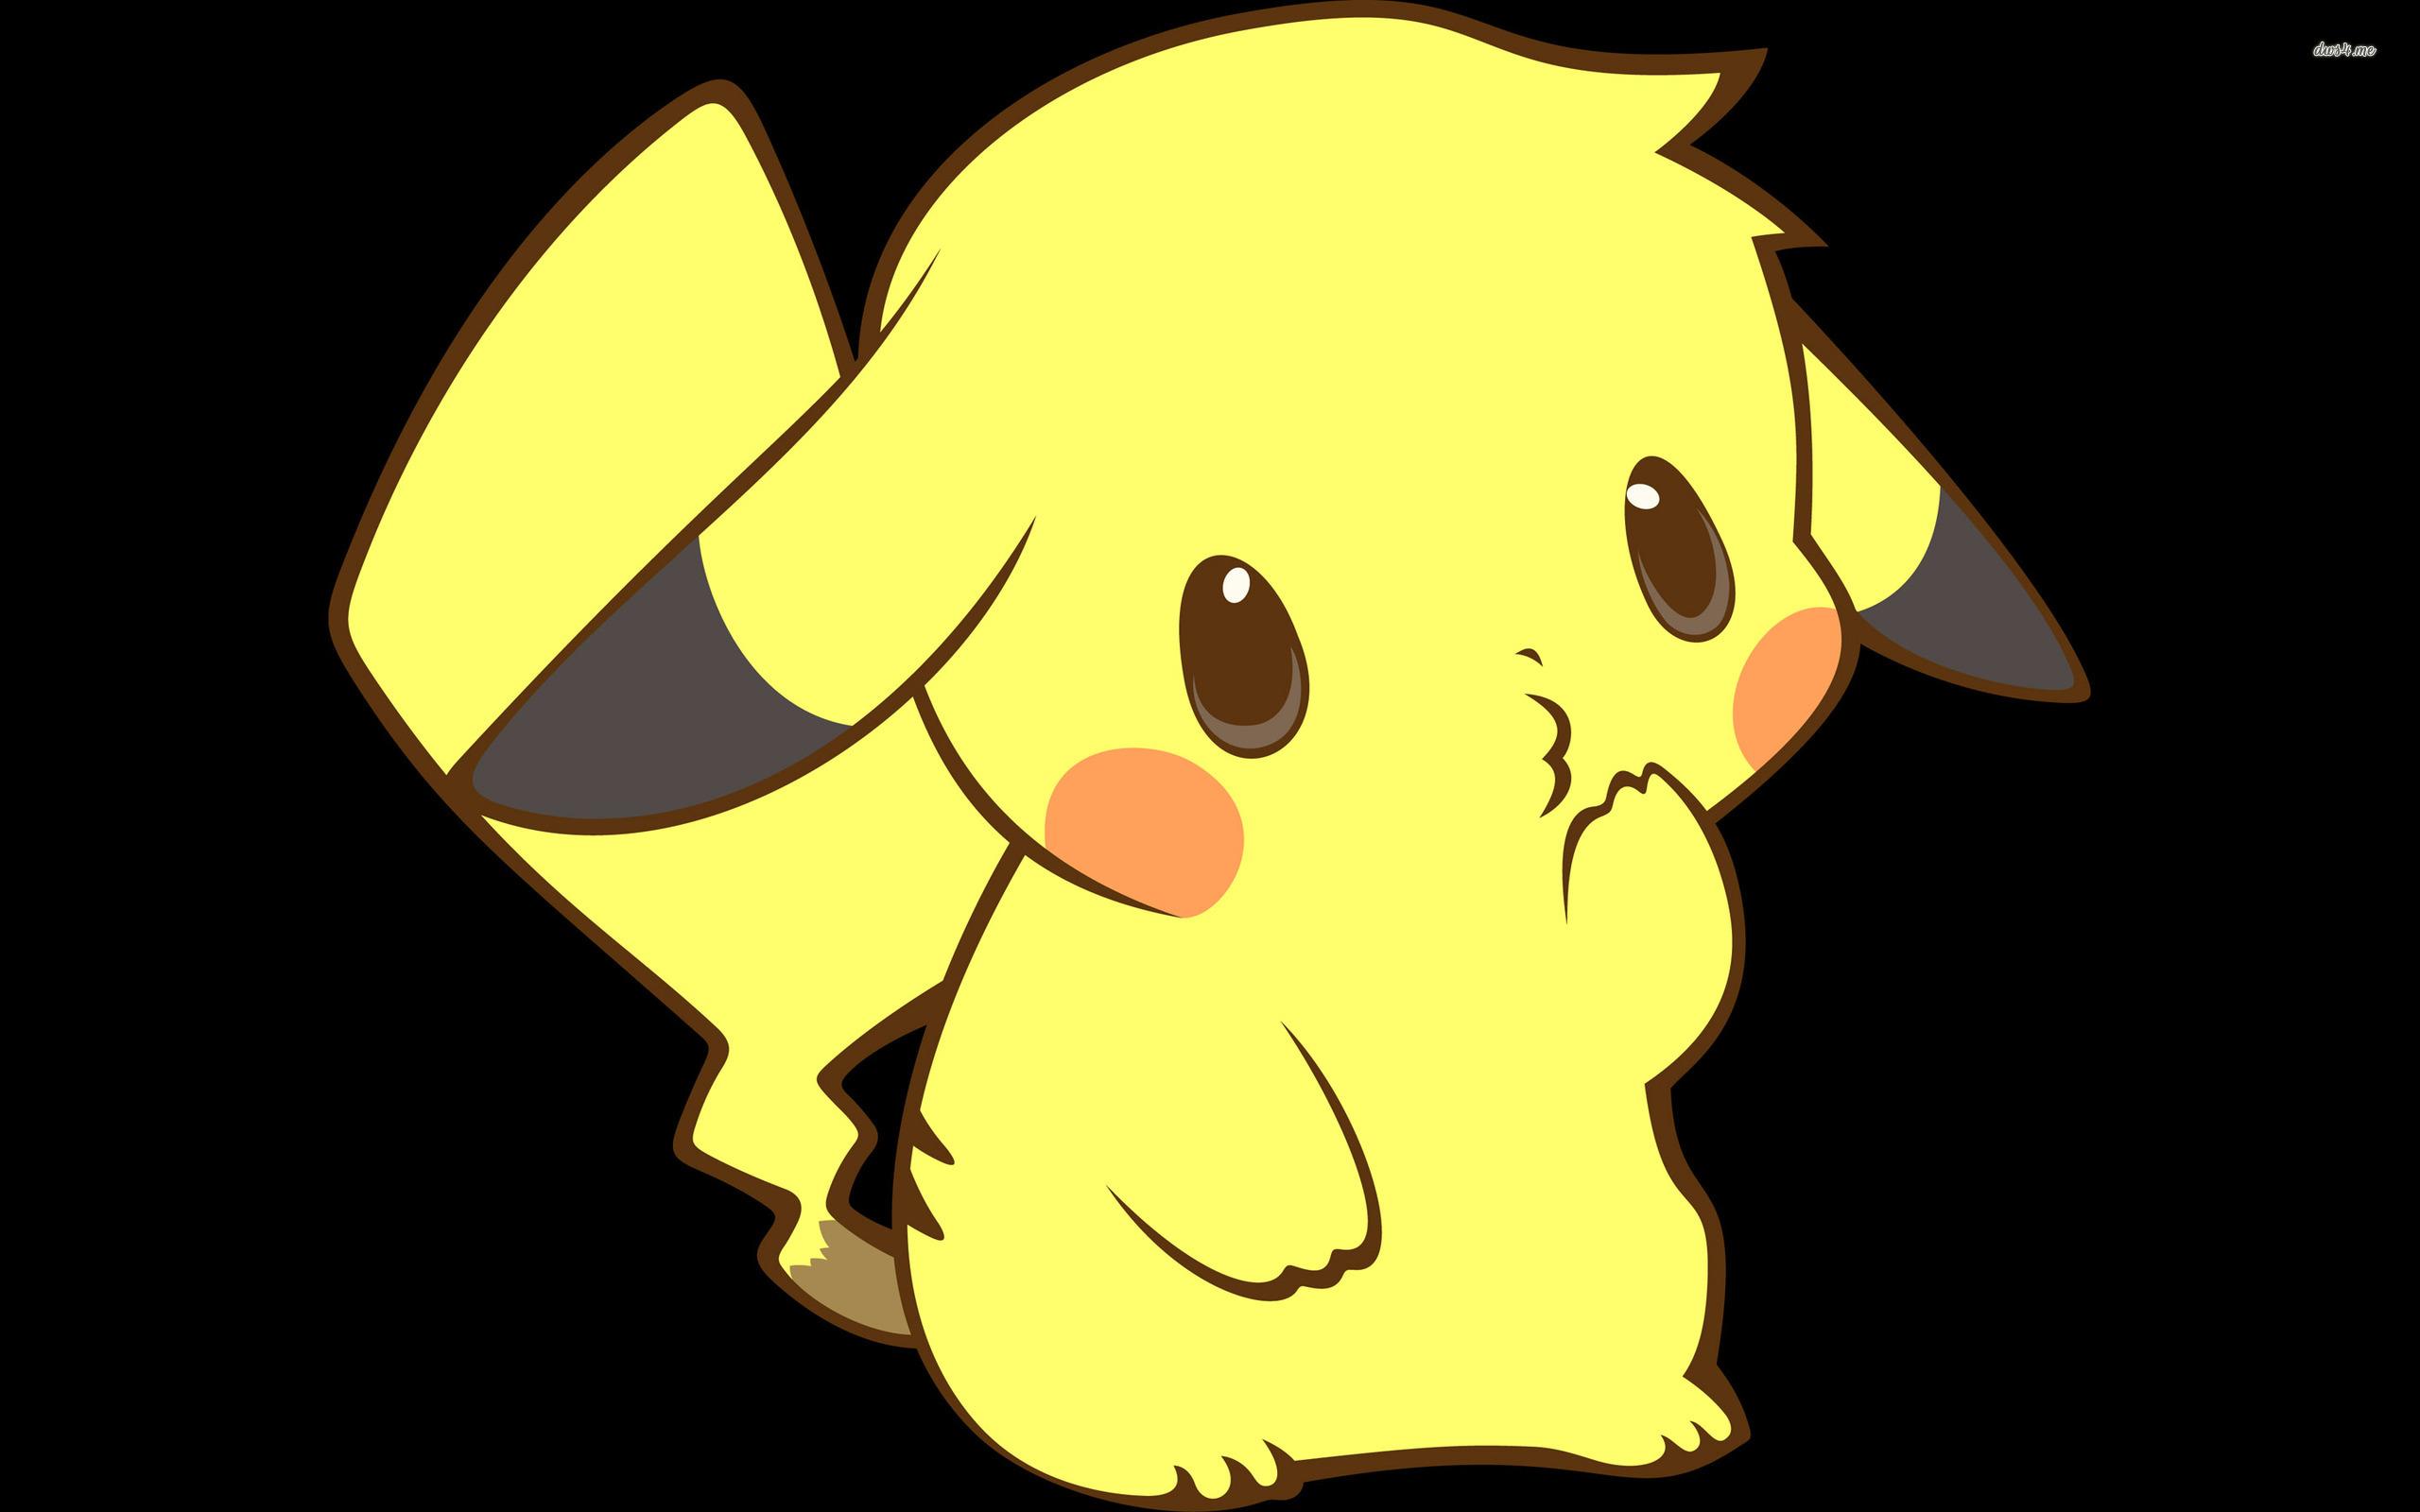 Ảnh anime Pikachu cute cute đang chu mỏ